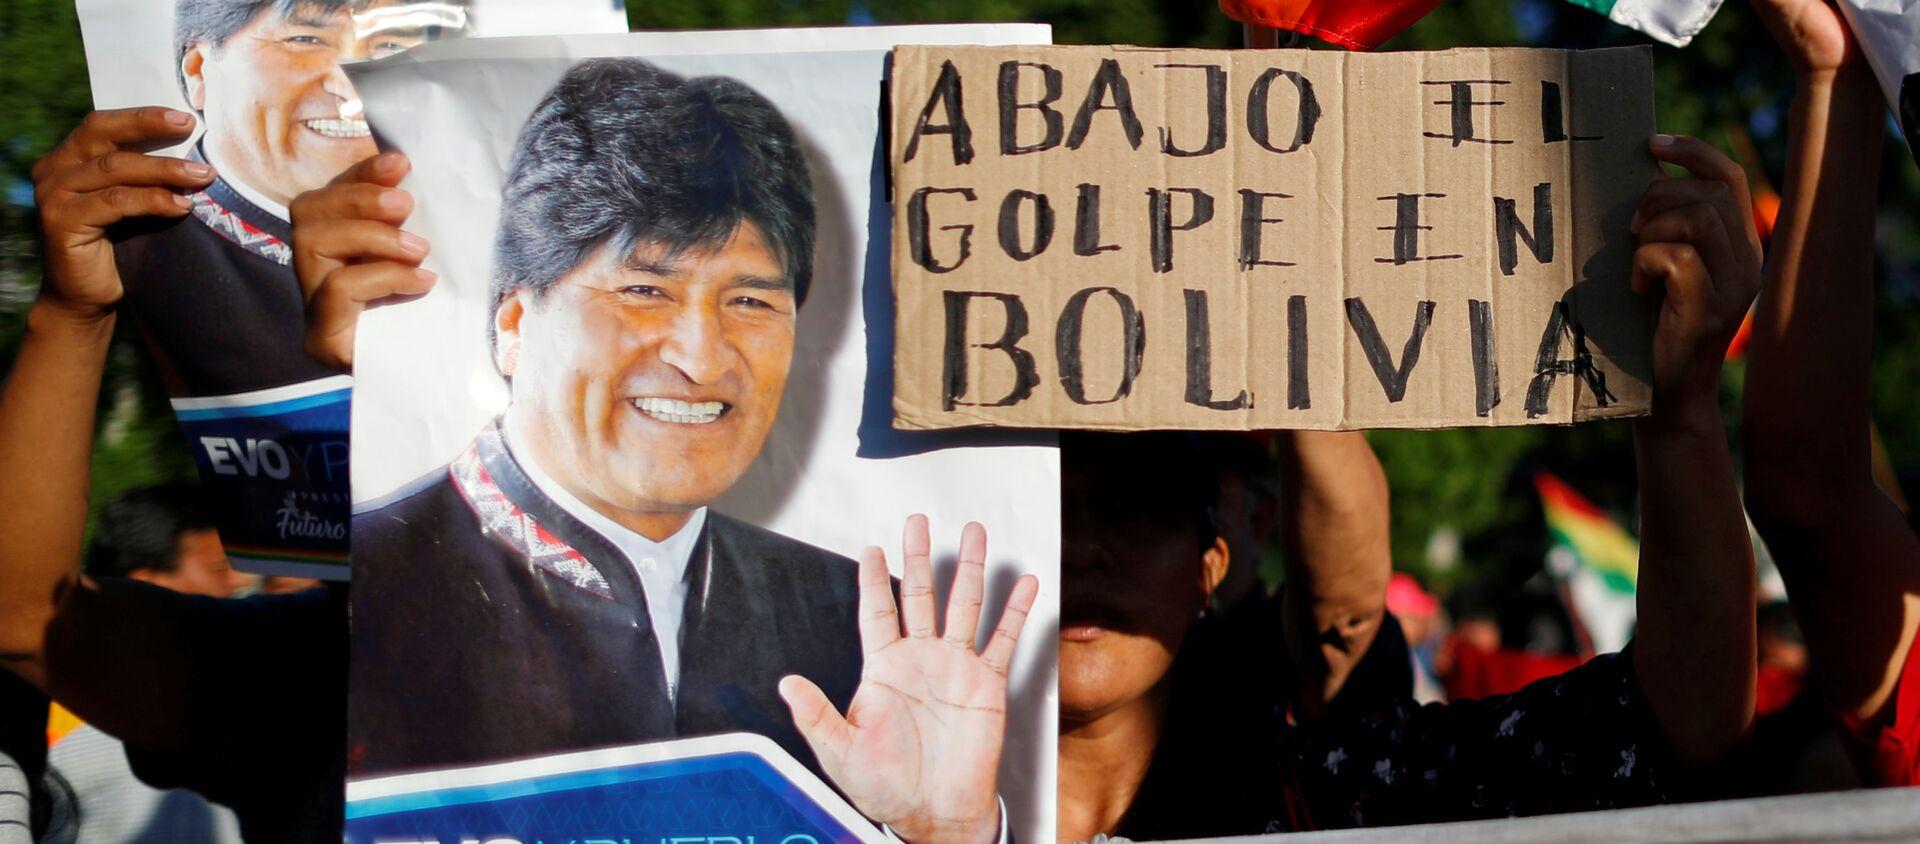 Partidarios de Evo Morales en Bolivia - Sputnik Mundo, 1920, 26.11.2019